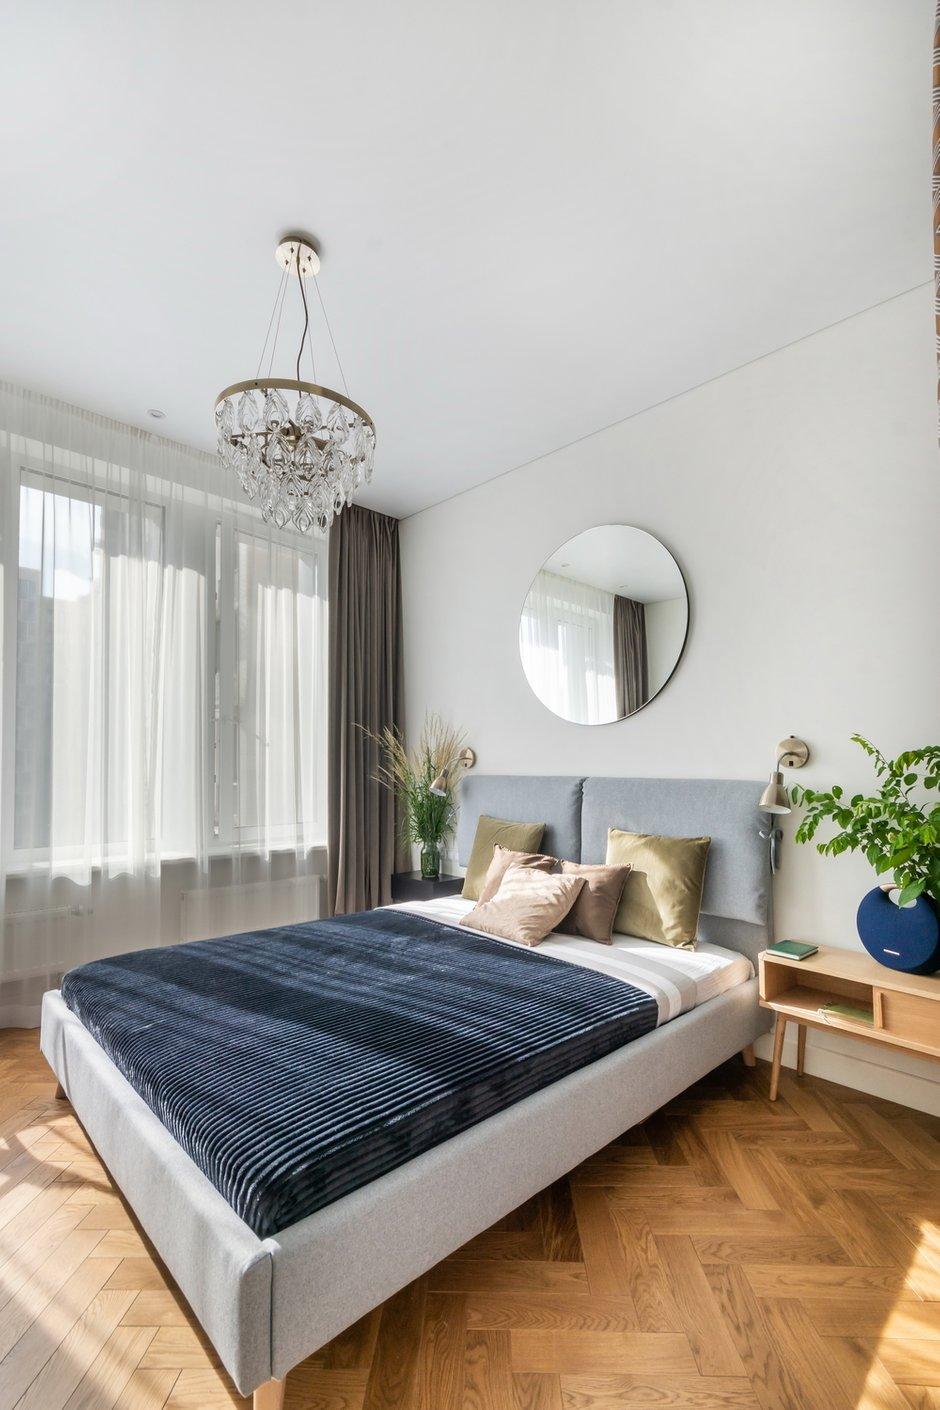 Фотография: Спальня в стиле Современный, Квартира, Проект недели, Москва, 2 комнаты, 40-60 метров, Александра Частова – фото на INMYROOM